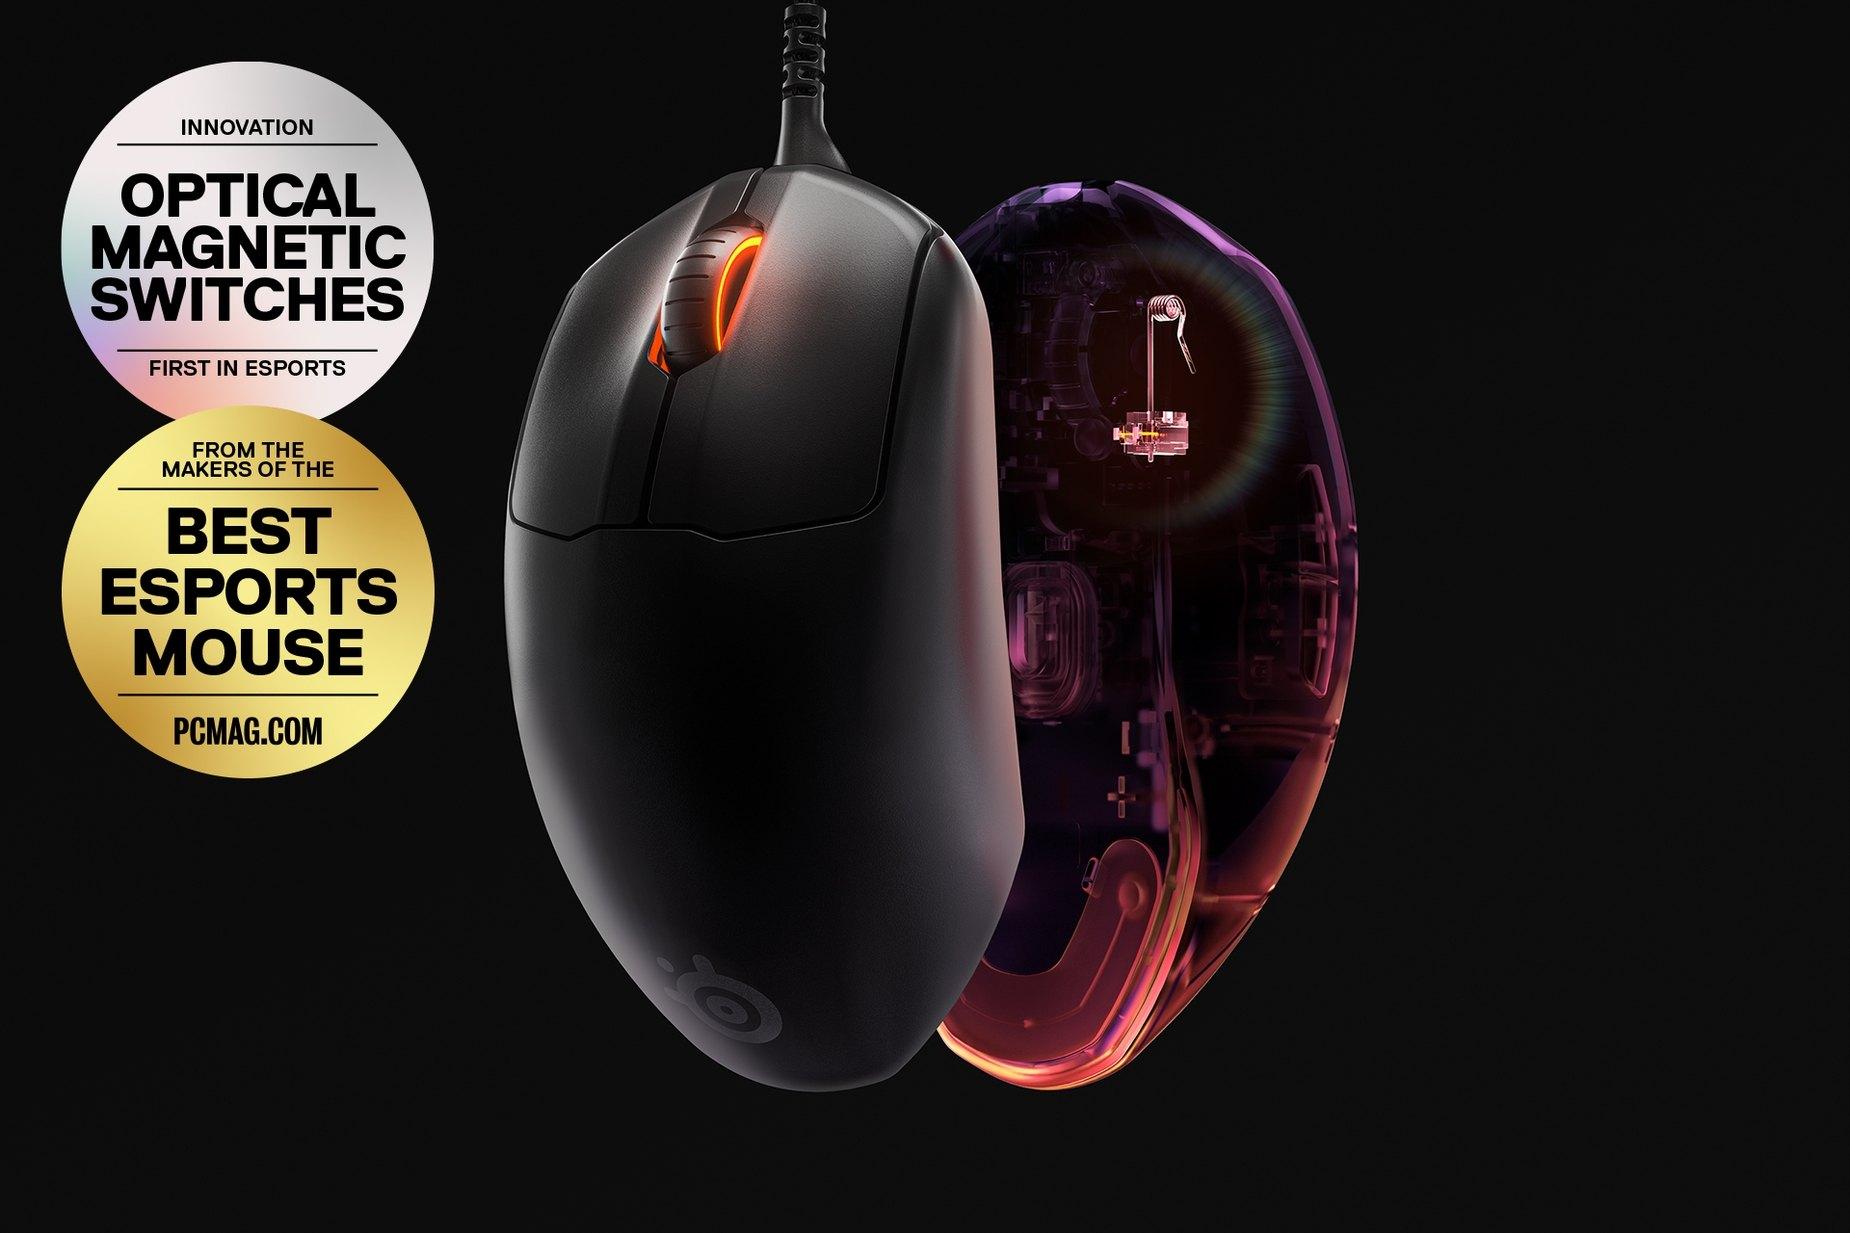 兩支 Prime 滑鼠:一支展示掌托,另一支展示感應器。